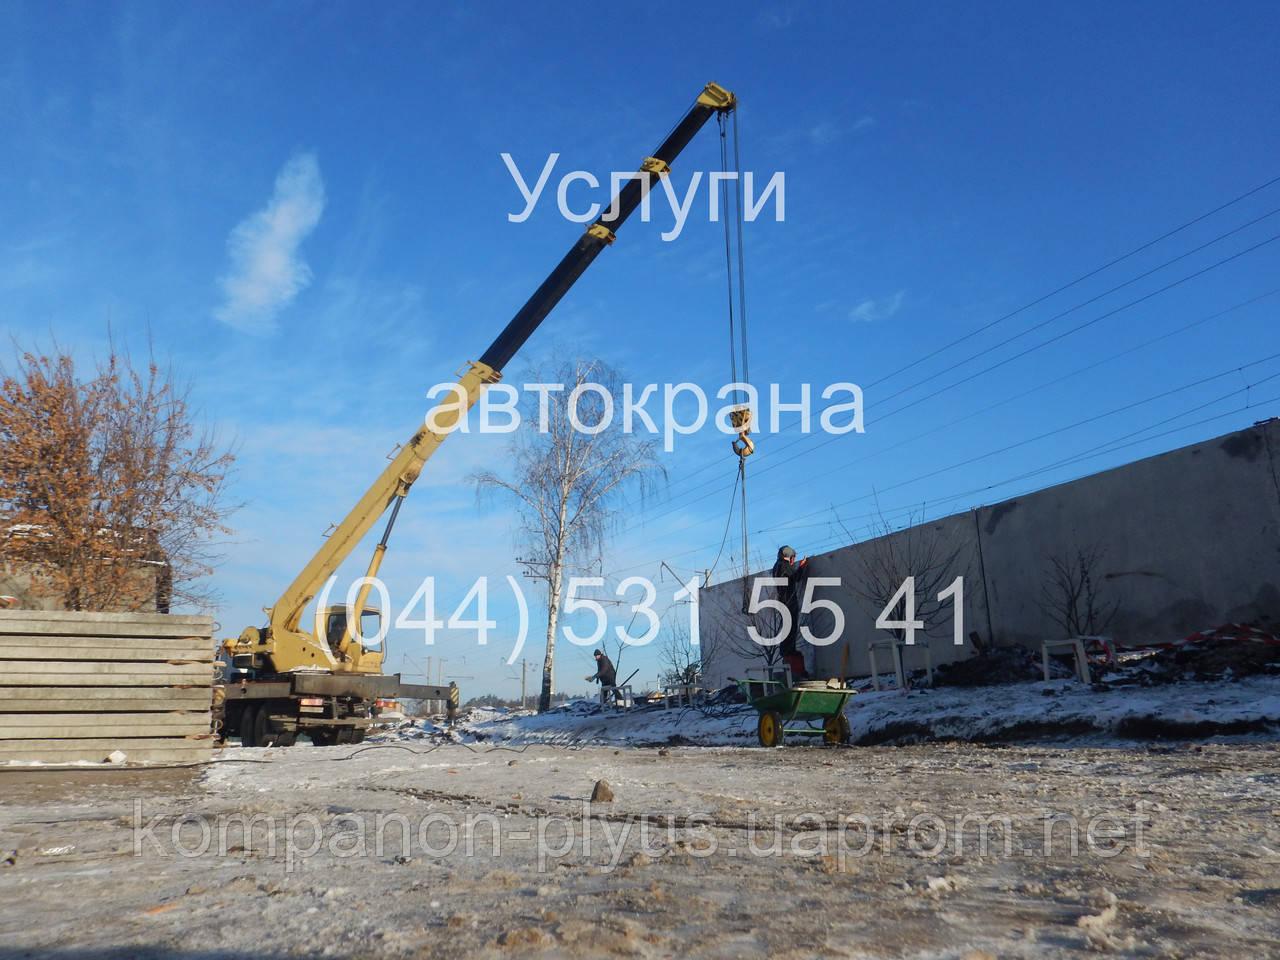 Послуги автокрана (067) 232 77 81